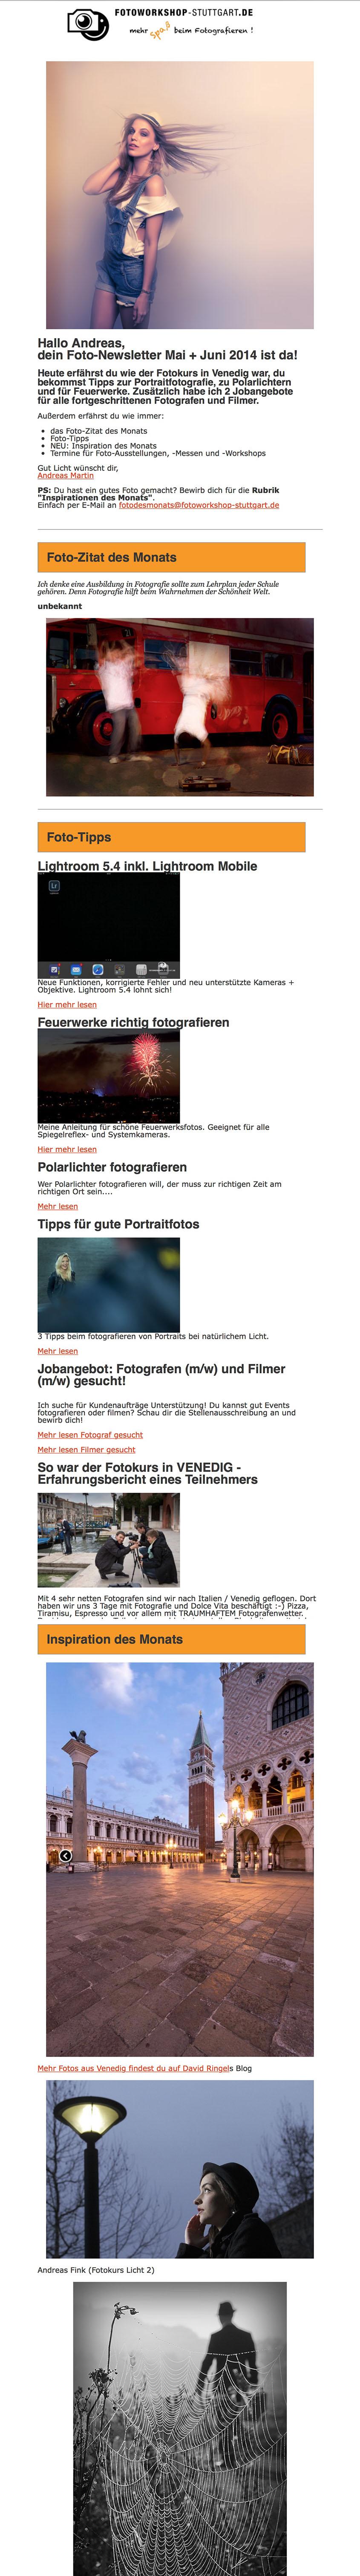 Newsletter-Fotografie-Foto-Stuttgart